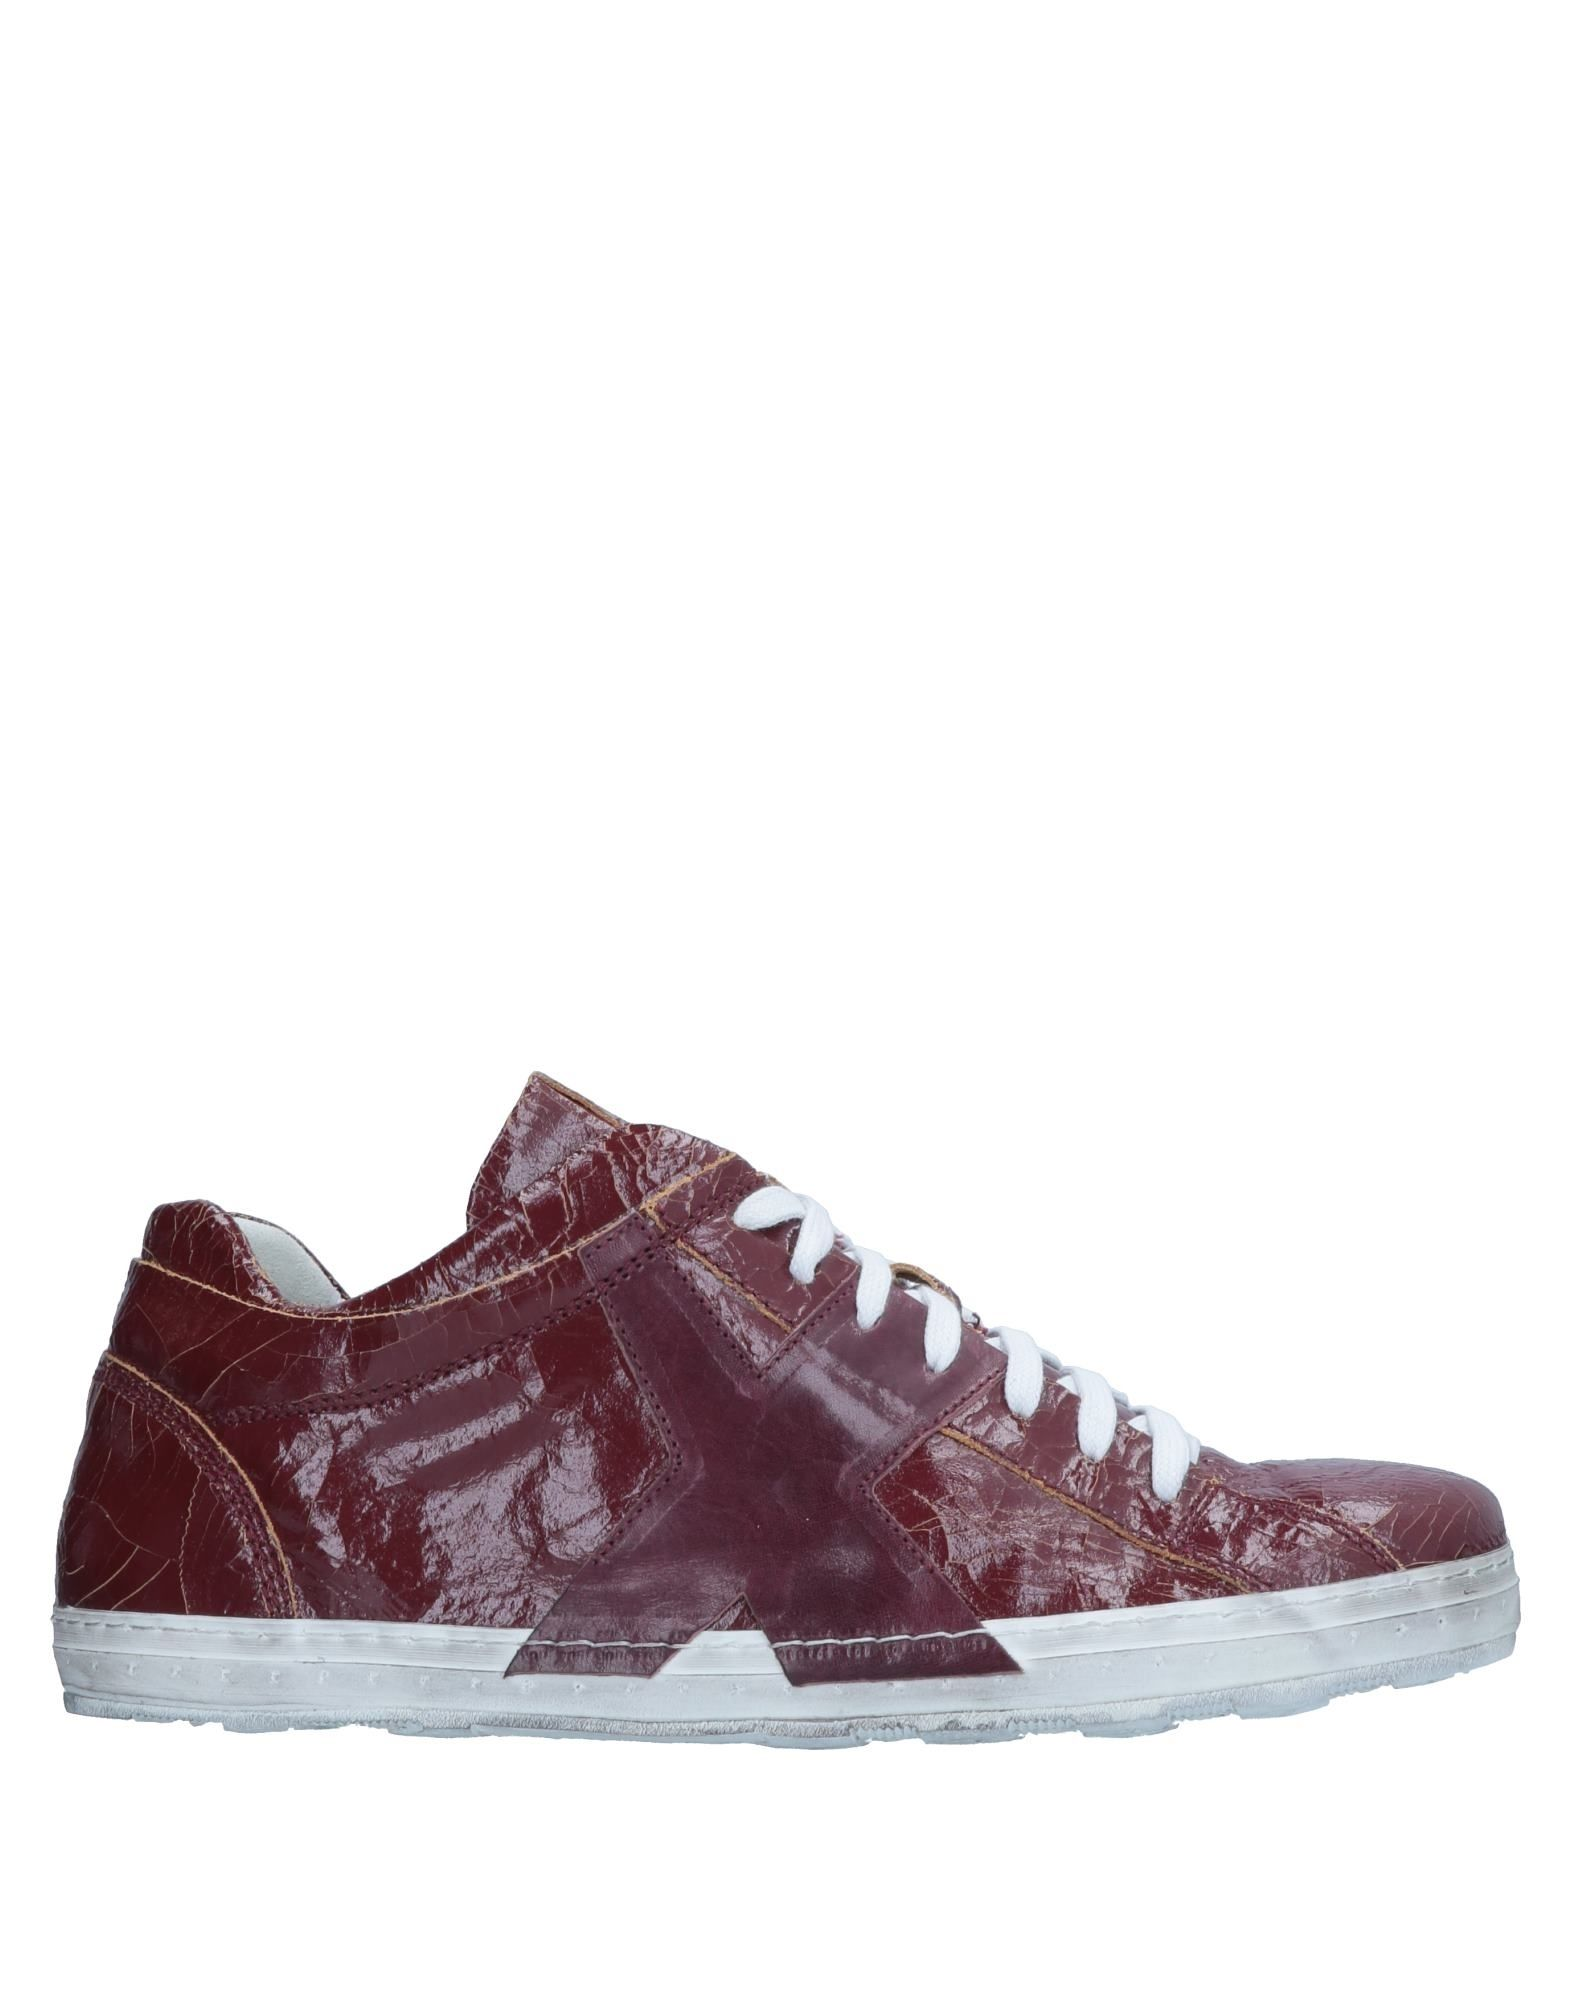 Rabatt echte Schuhe O.X.S. Sneakers Herren  11551022NE